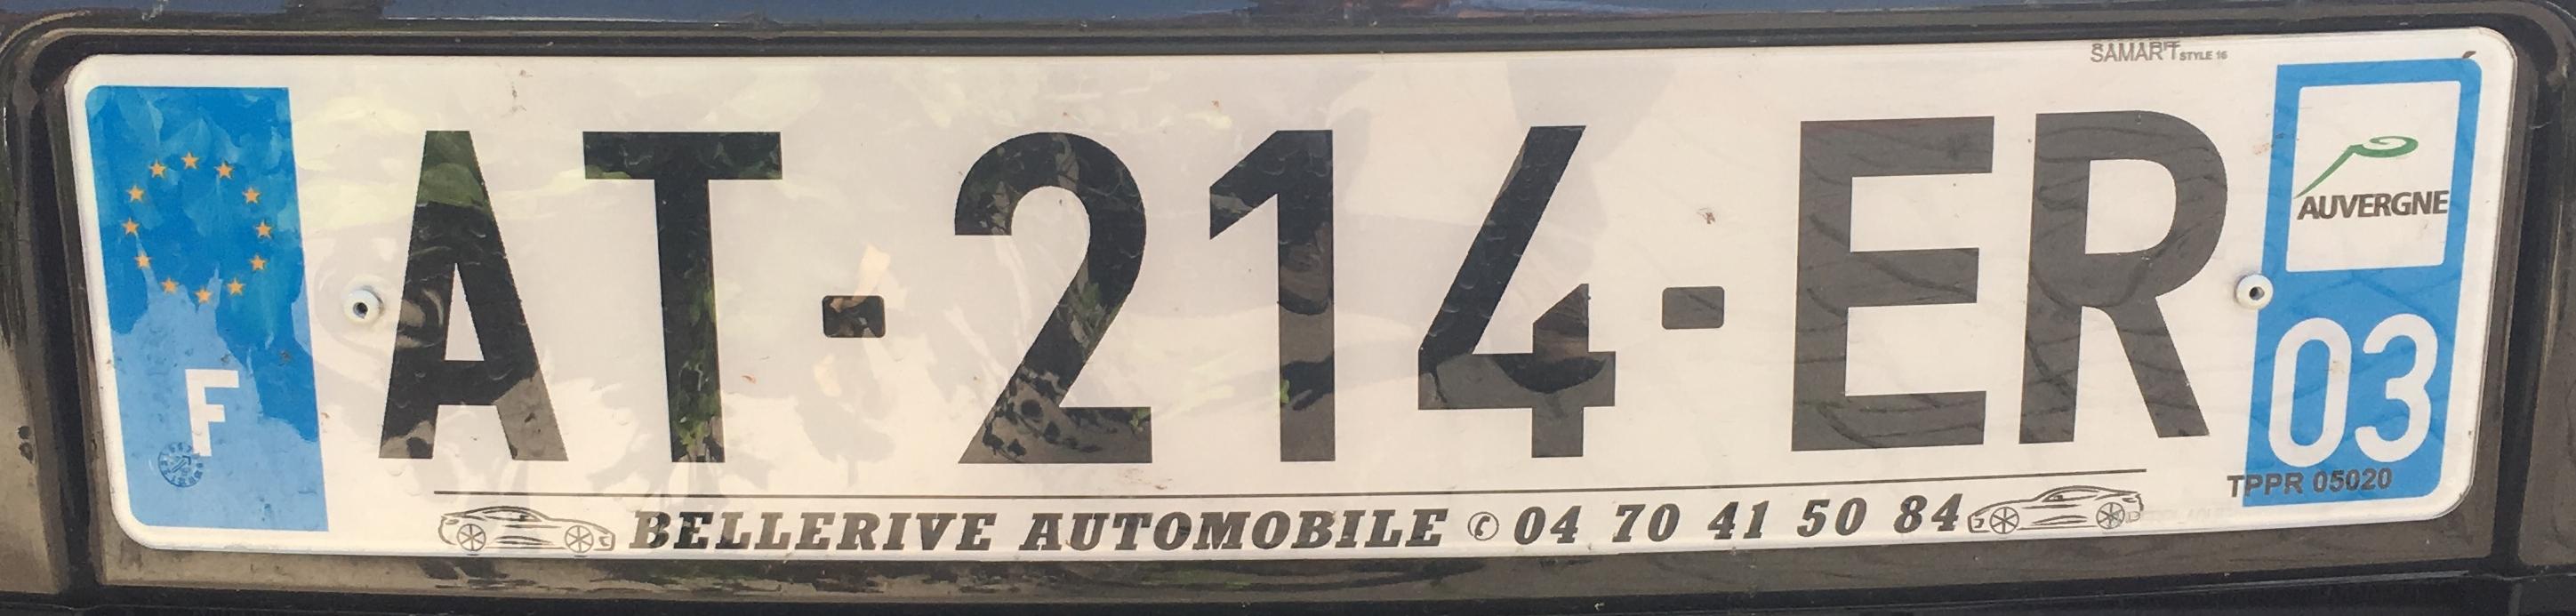 Francouzská registrační značka – 03 - Allier, foto: www.podalnici.cz